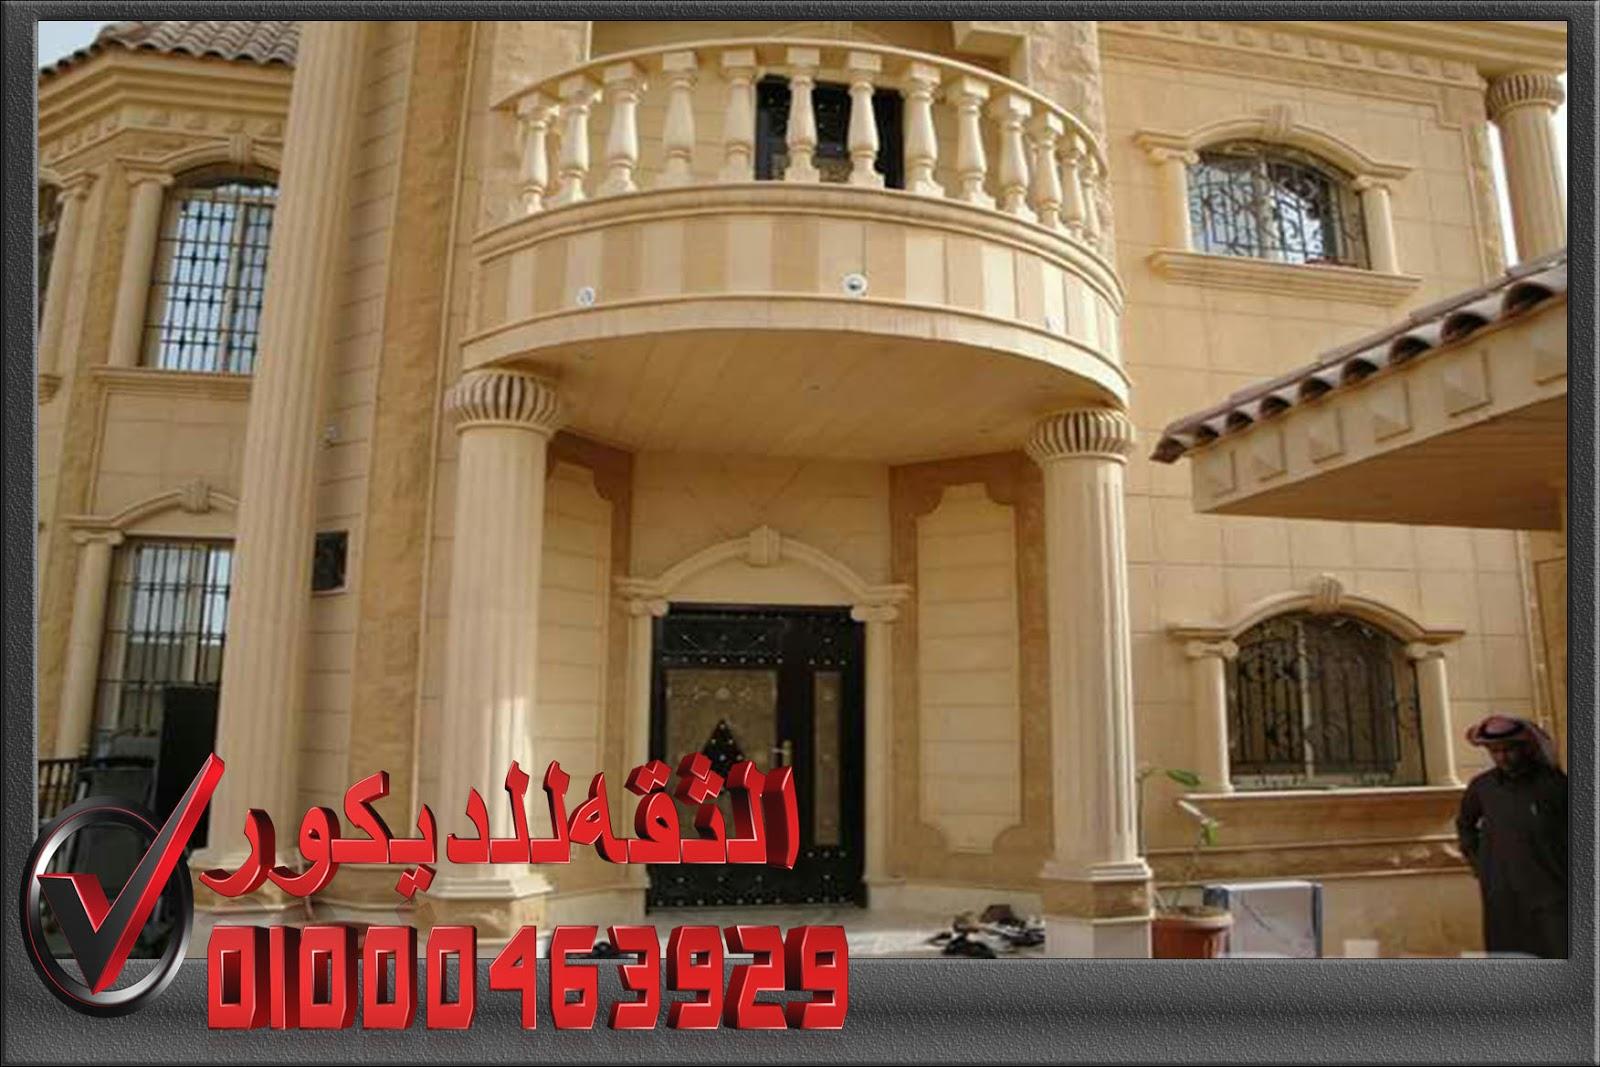 تركيب واجهات حجر هاشمى واجهات منازل حجر هاشمى 01000463929